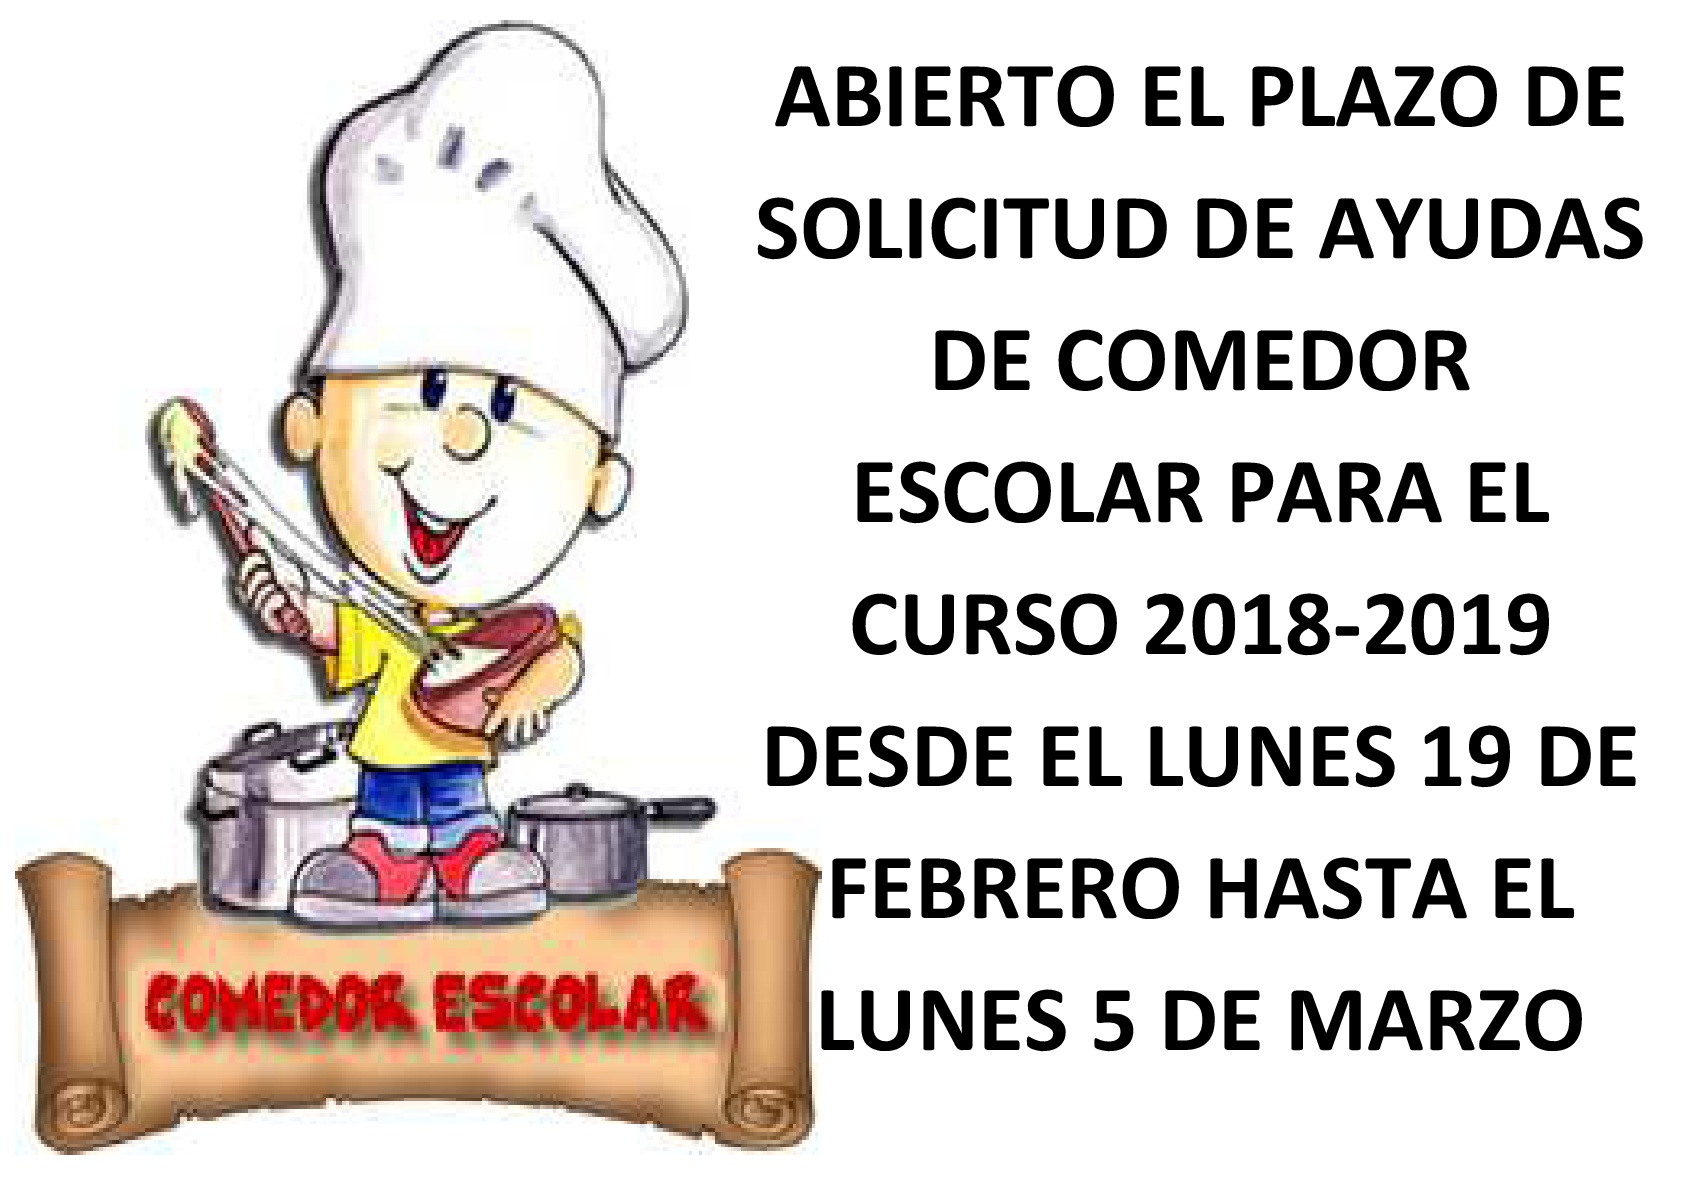 AYUDAS DE COMEDOR ESCOLAR CURSO 2018-2019 – Colegio El Ope